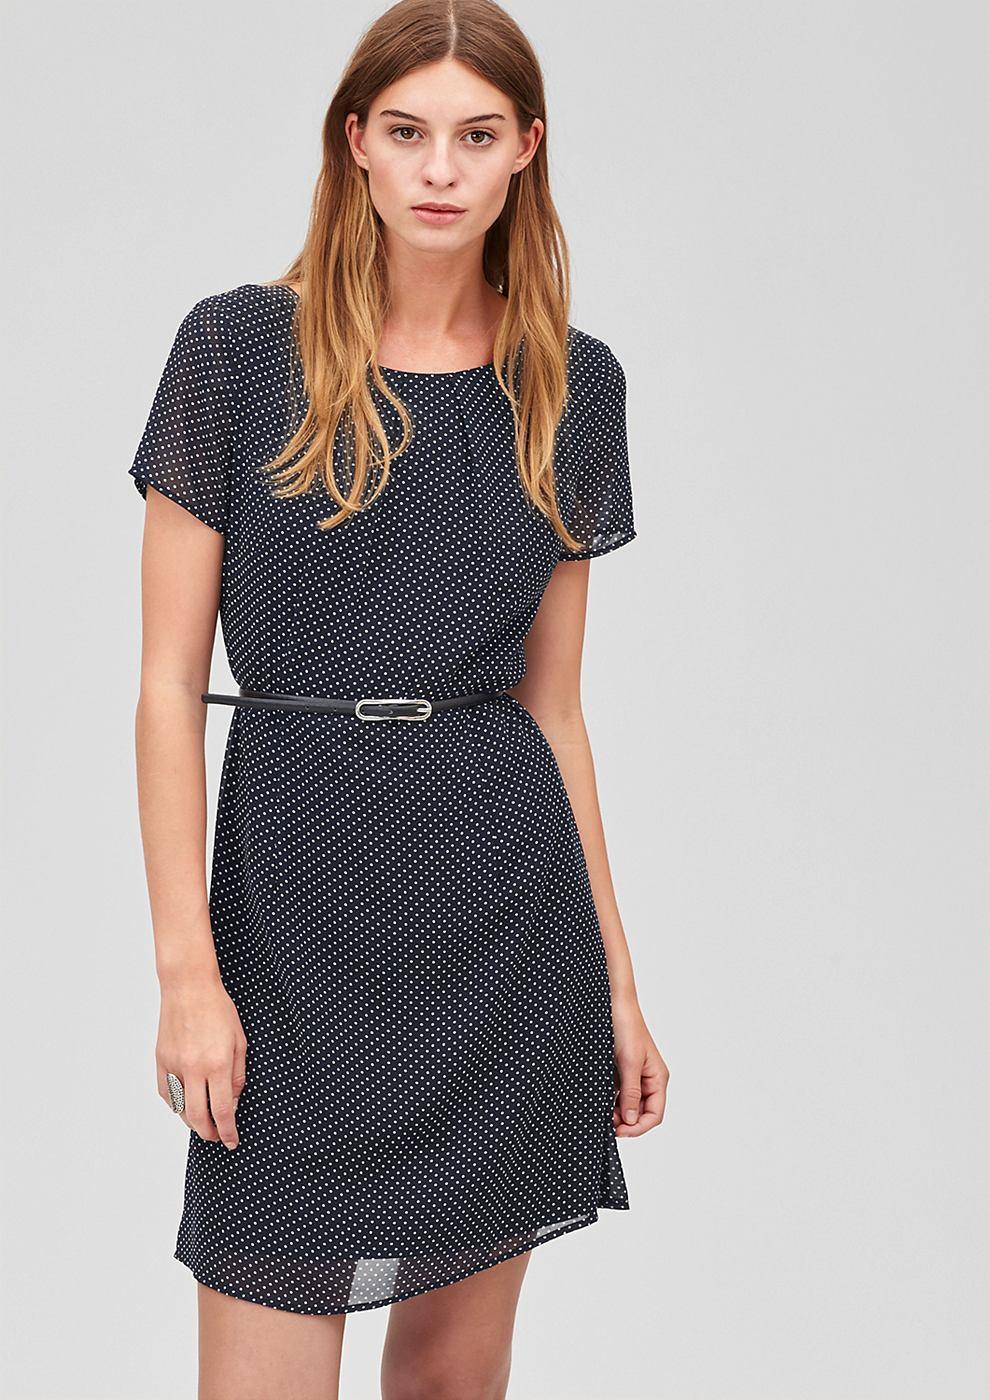 s.Oliver Premium Zwierige jurk met riem blauw